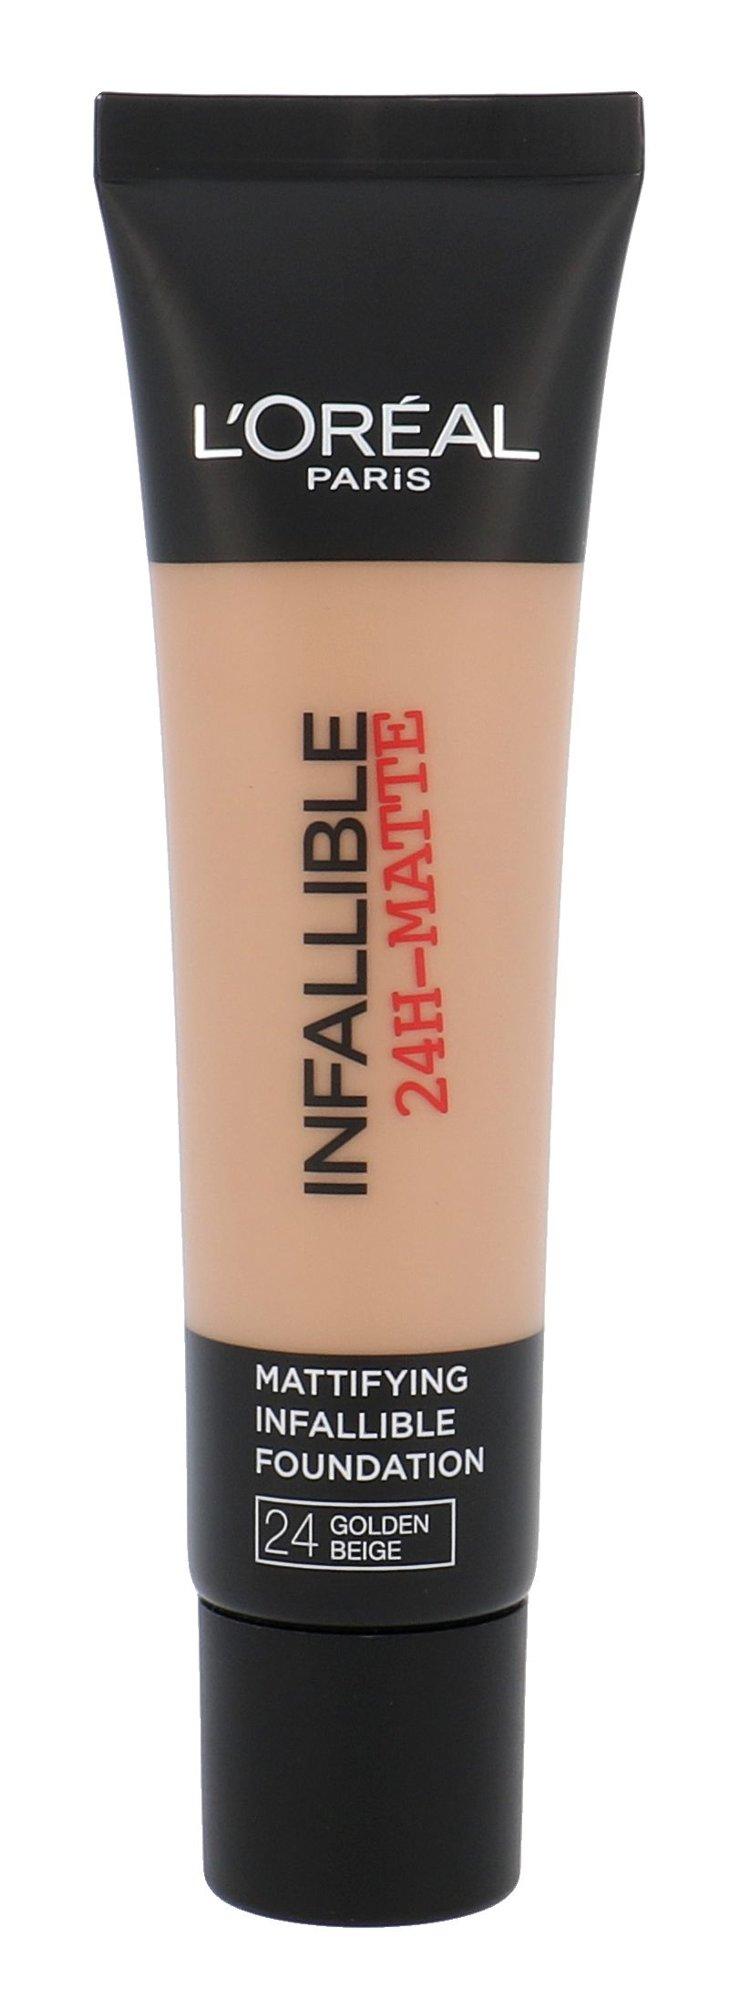 L´Oréal Paris Infallible Cosmetic 35ml 24 Golden Beige